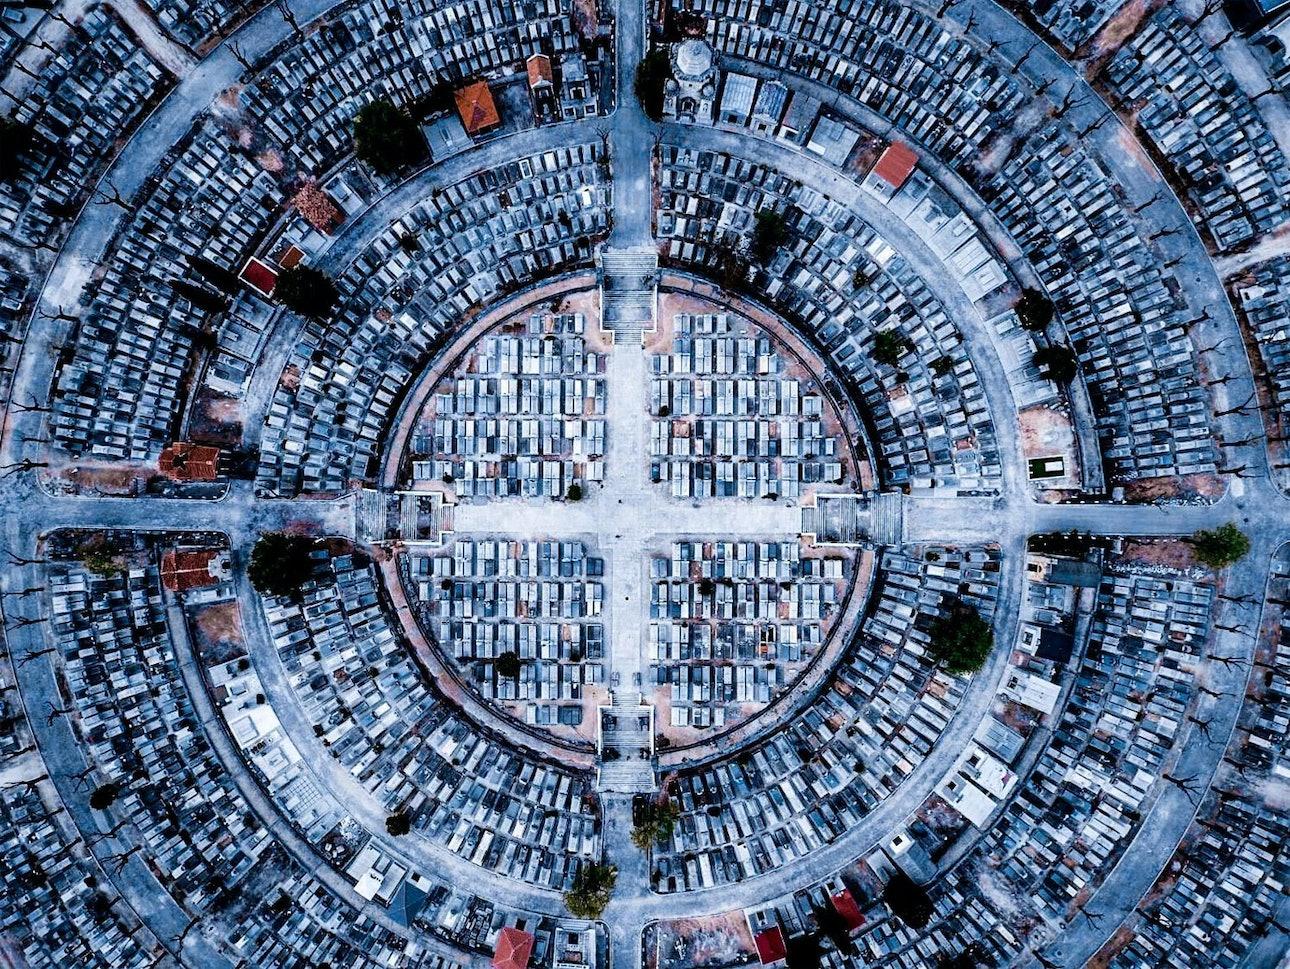 Лучшие фотографии конкурса Drone Photography Contest 2017, birdinflight.com